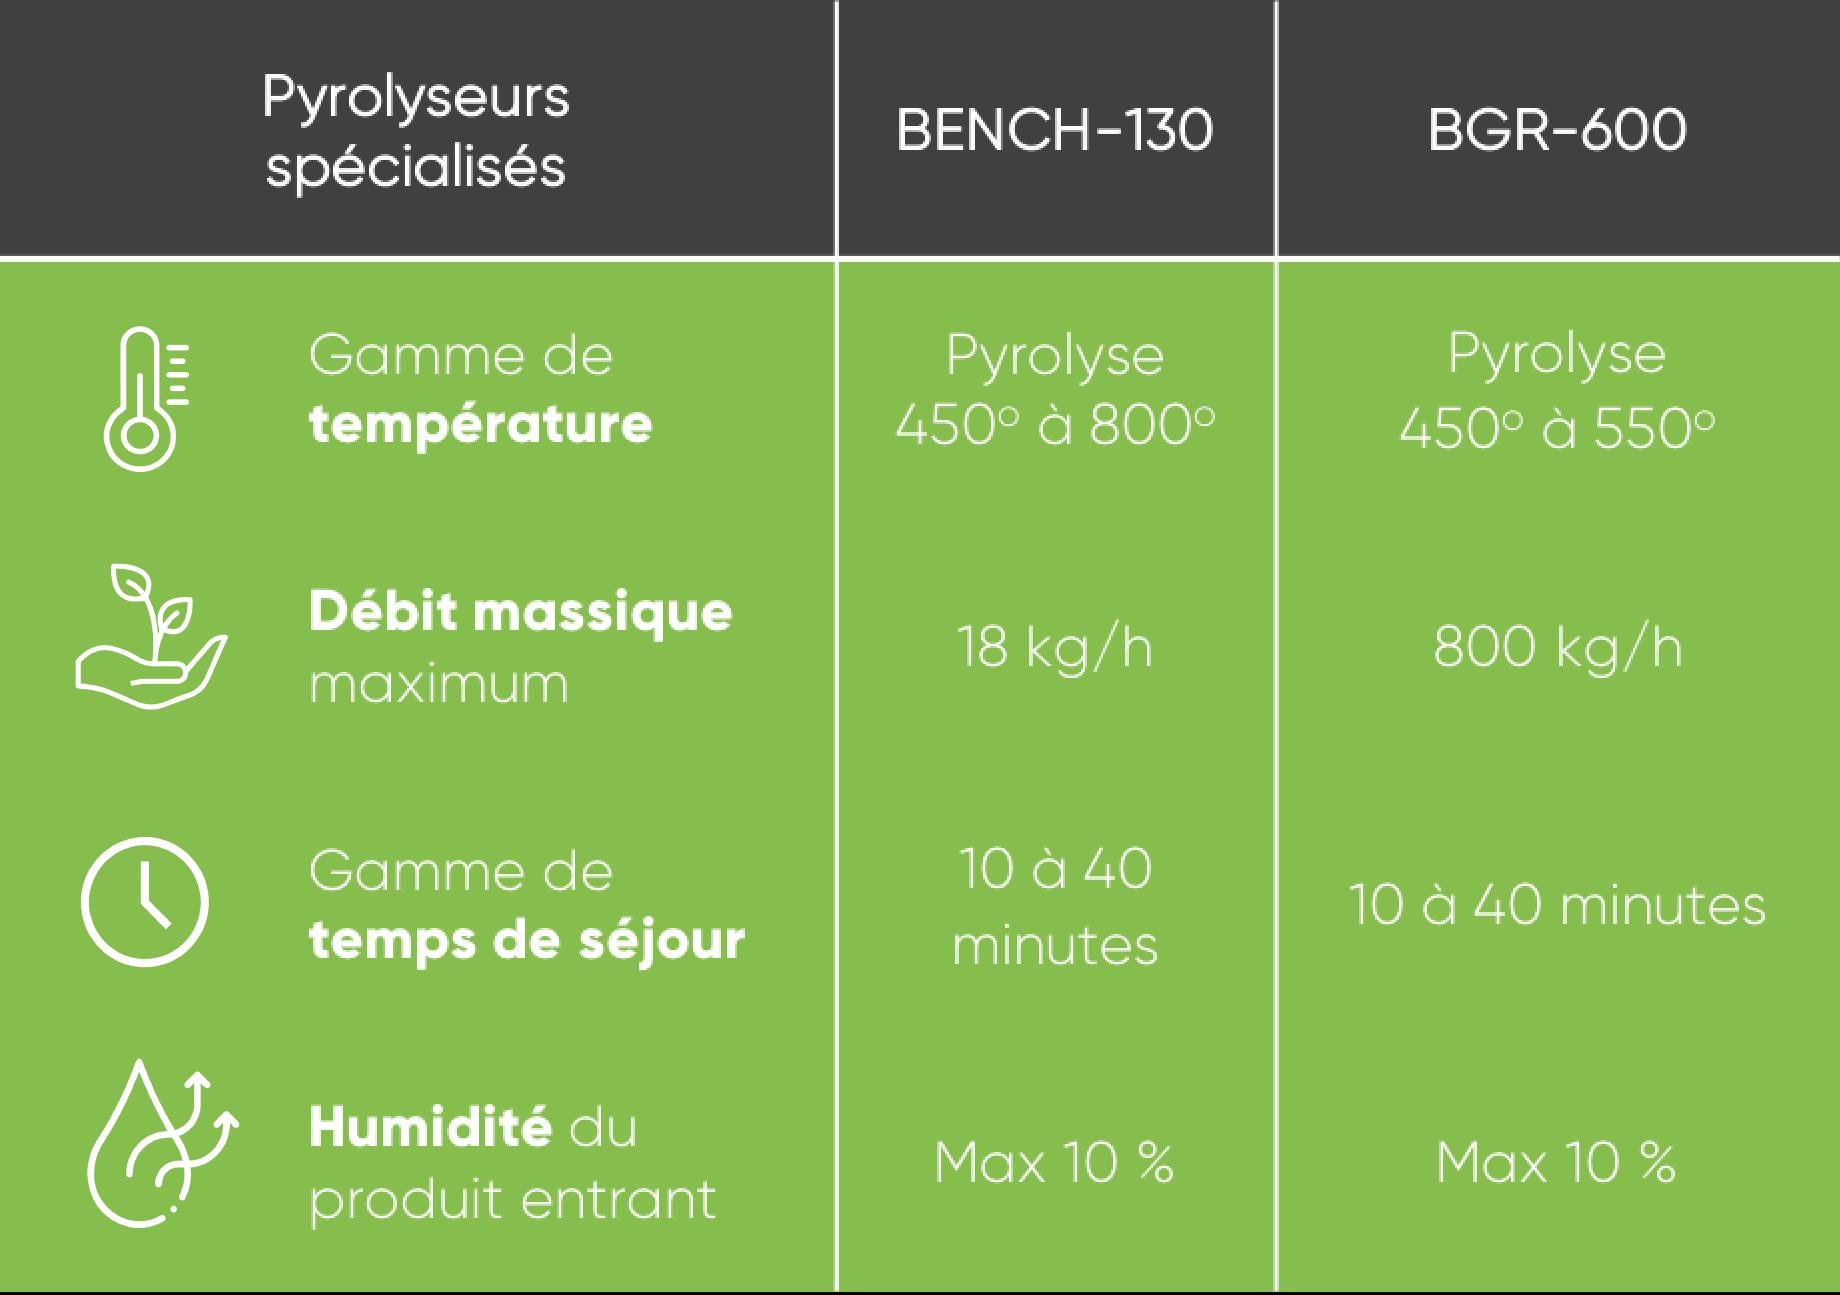 tableau de caractéristique pyrolyseurs spécialisés BENCH-130, BGR-600